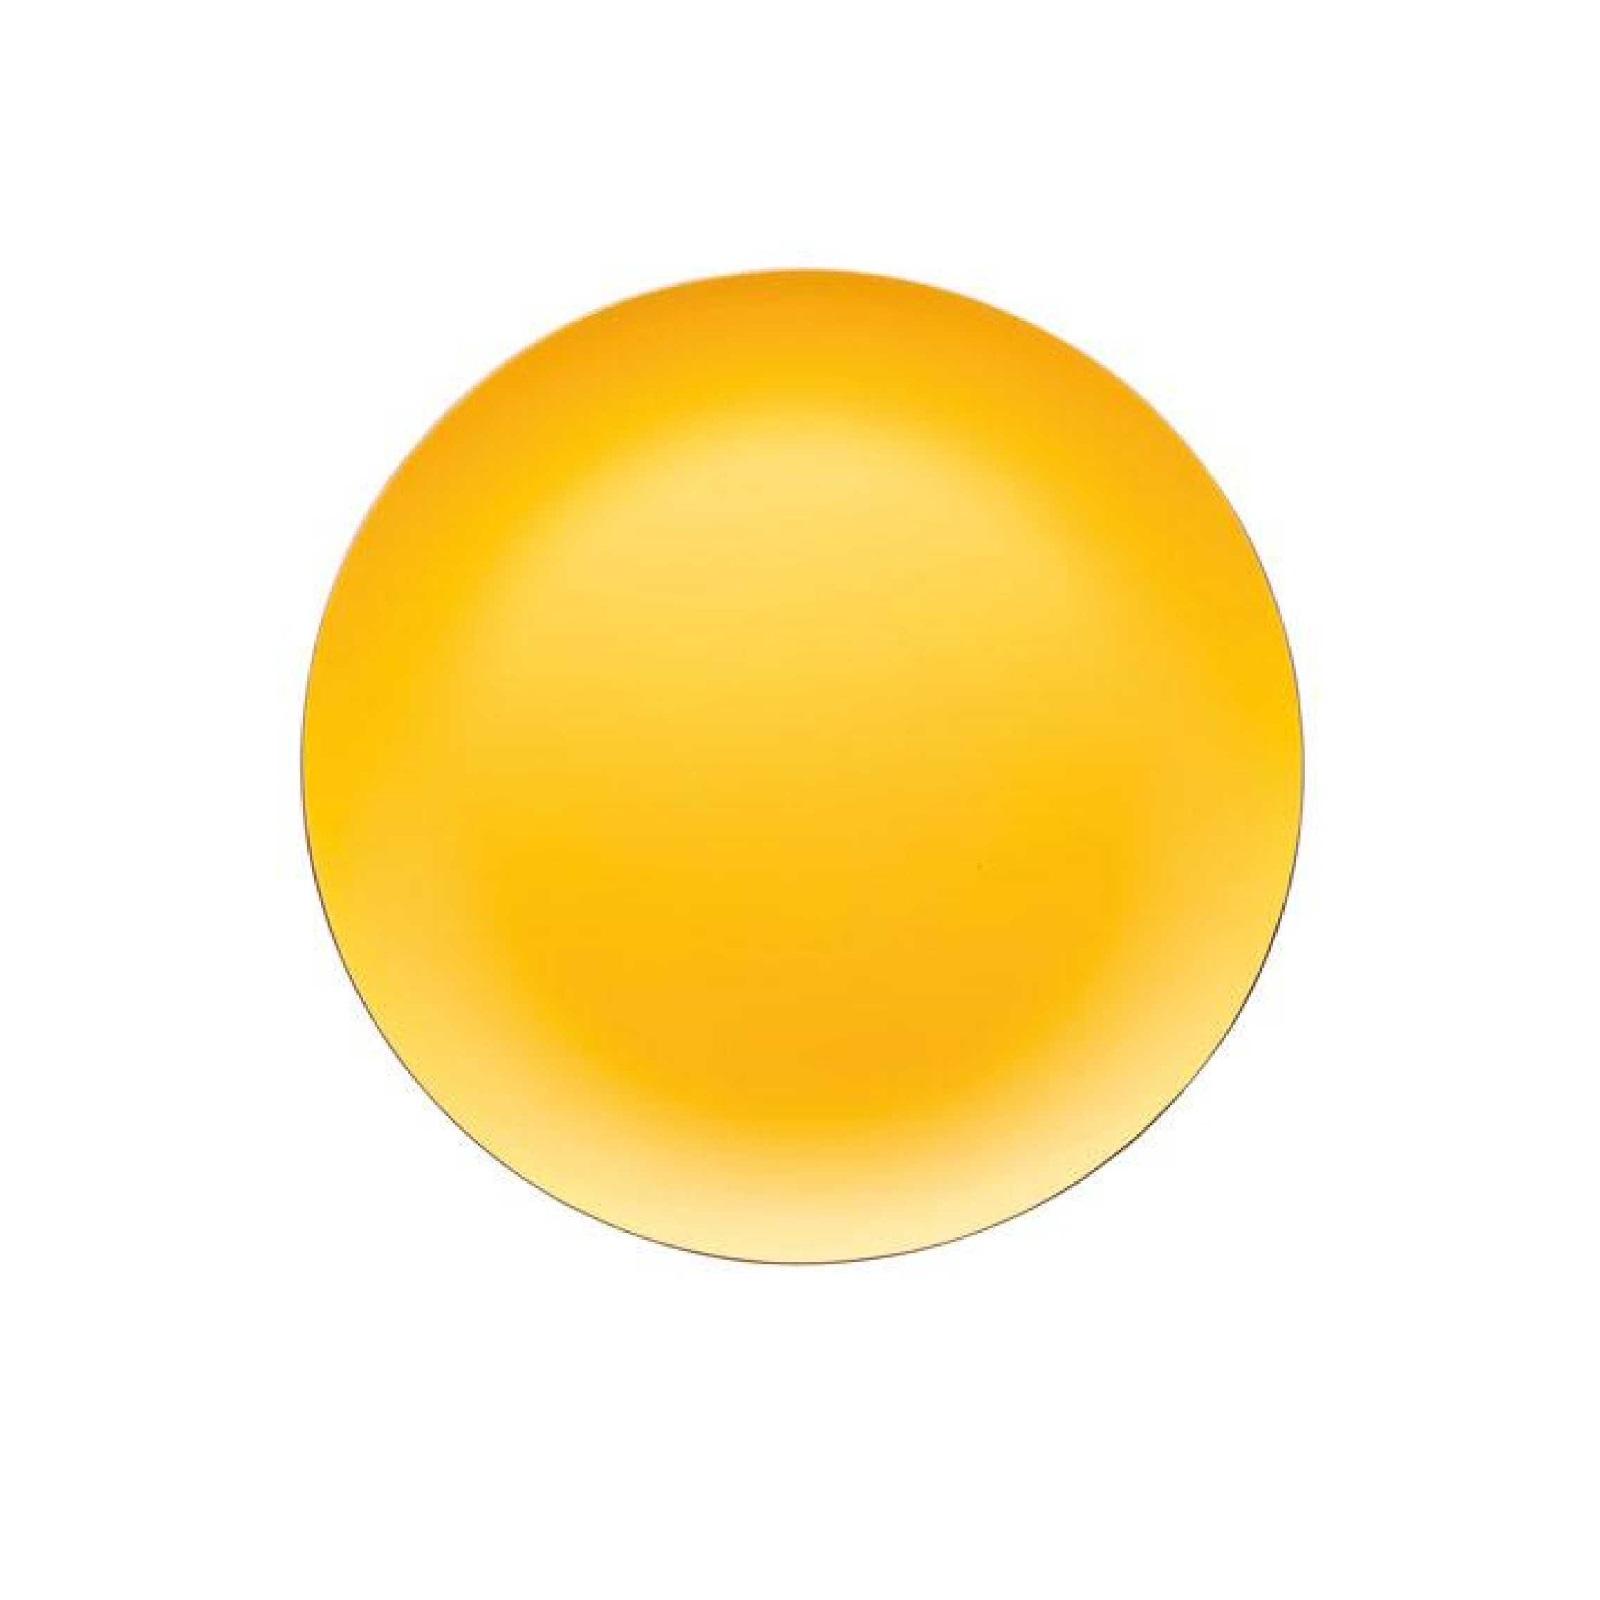 Поднос деревянный Rosenthal SUNNY DAY, диаметр 41 см, желтый Rosenthal 69763-408502-05642 фото 2